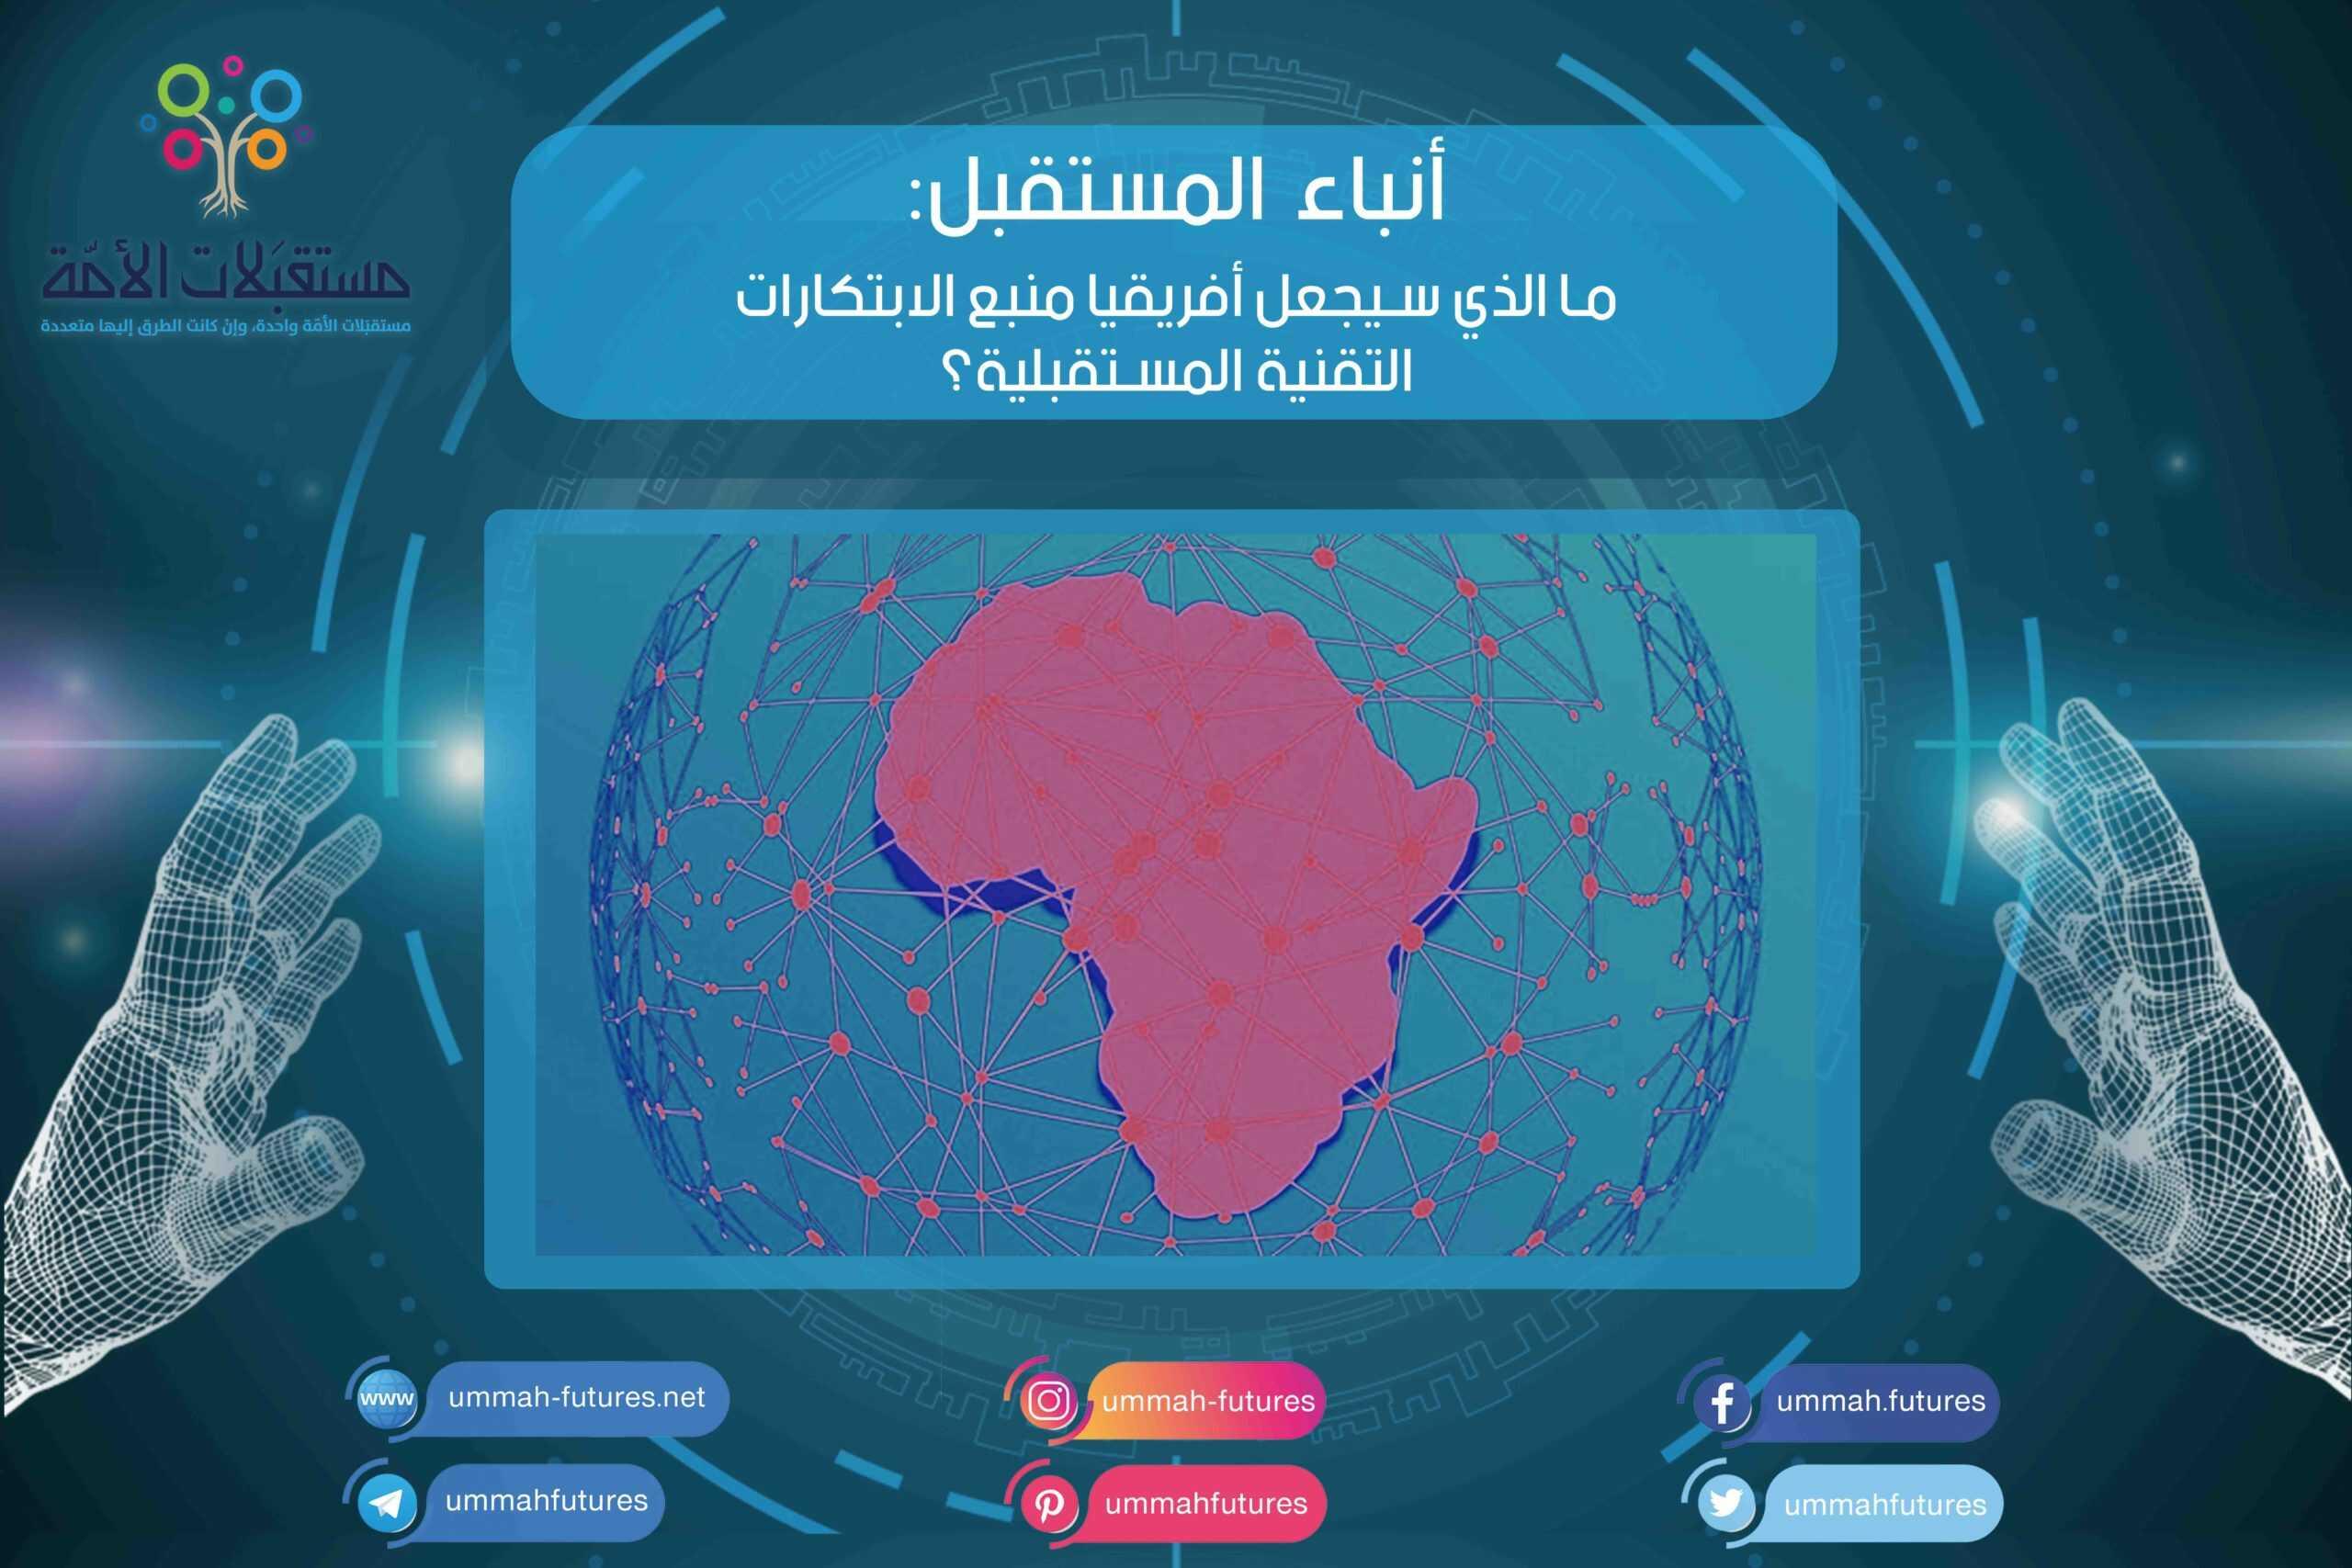 ما الذي سيجعل أفريقيا منبع الابتكارات التقنية المستقبلية؟